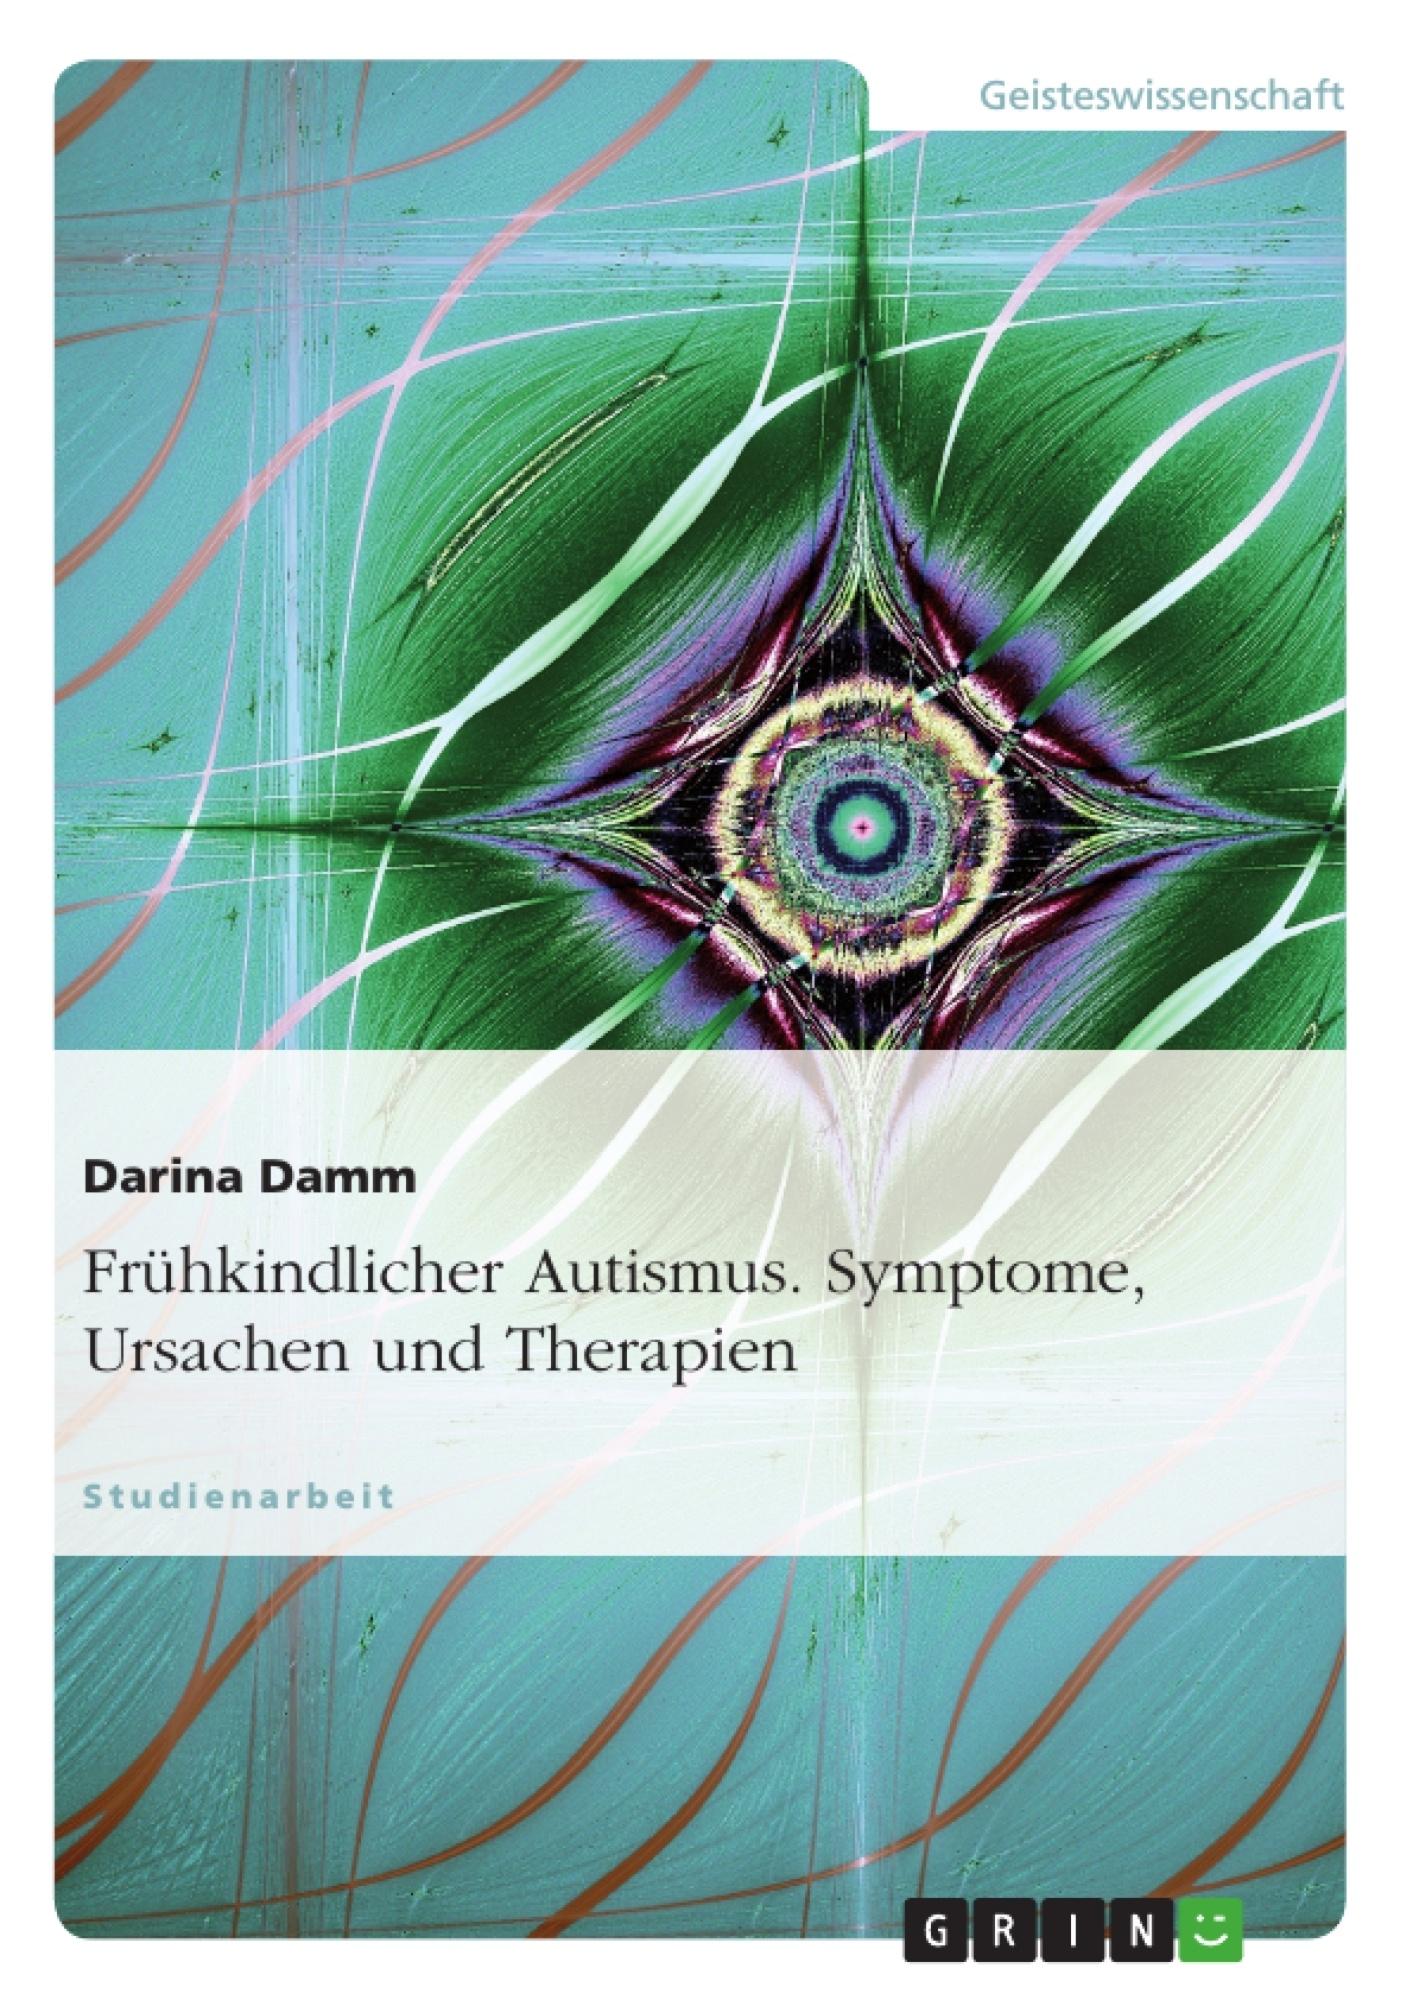 Titel: Frühkindlicher Autismus. Symptome, Ursachen und Therapien